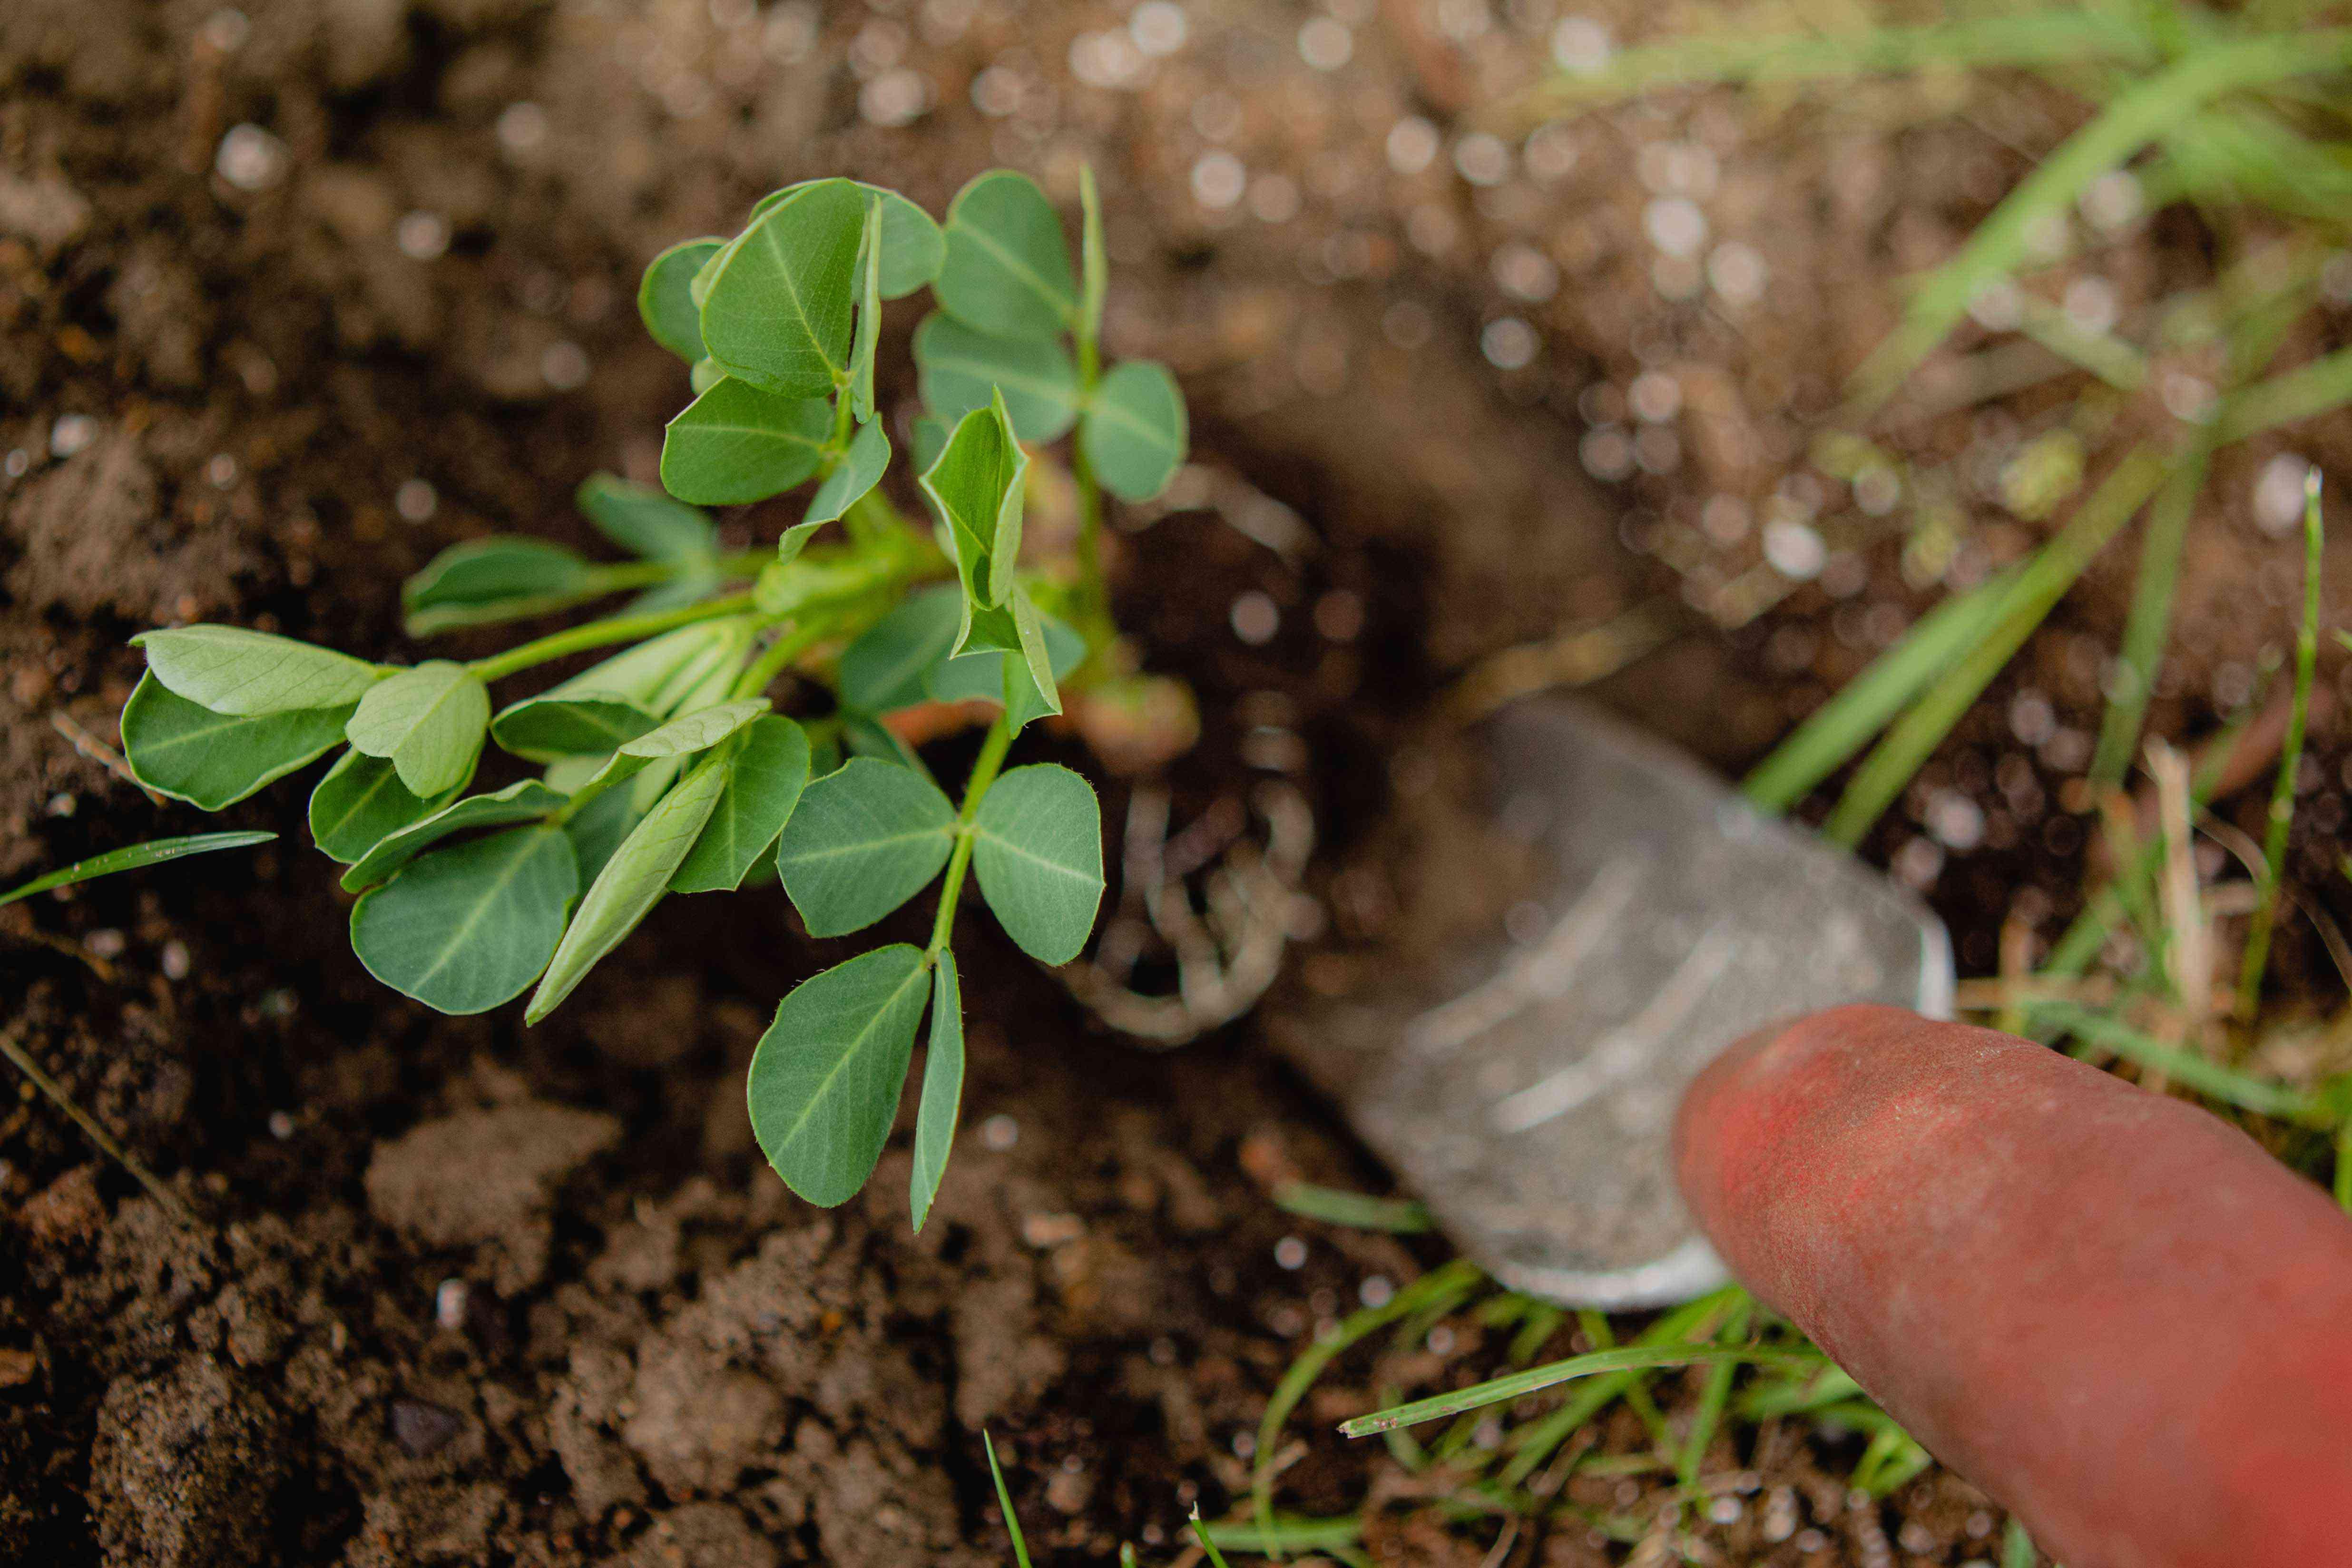 small peanut starter plant in ground next to garden trowel